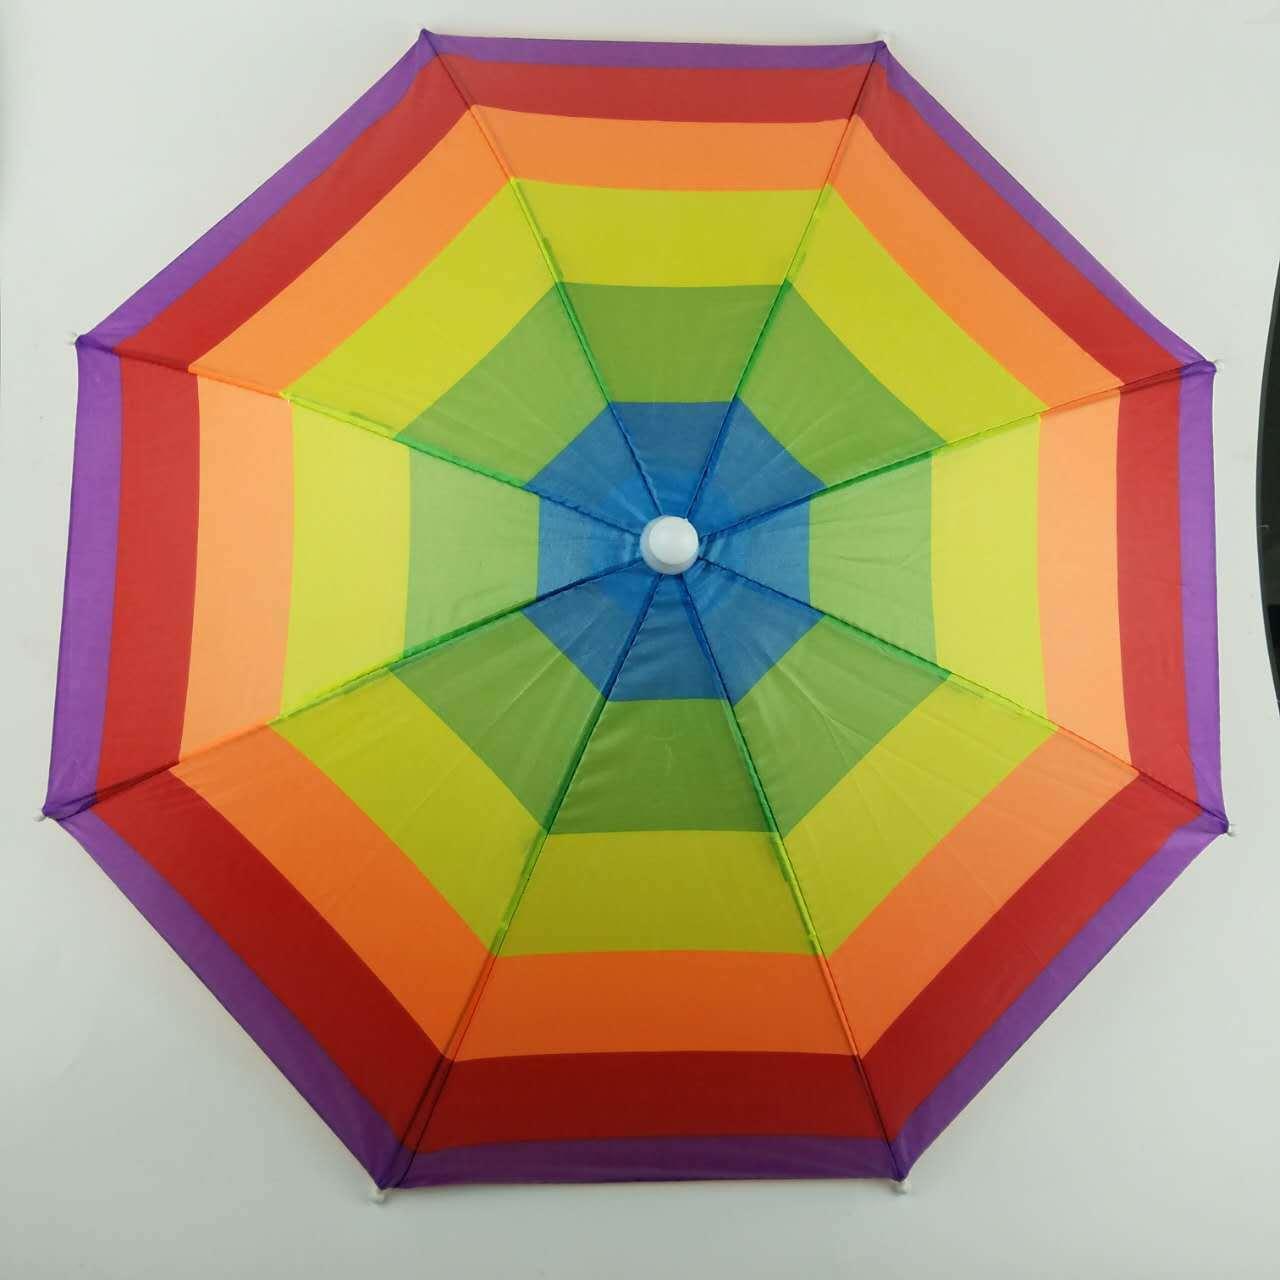 Открытый рыболовный солнцезащитный отдых зонтик шляпа от солнца носить детские игрушки, путешествующие арбуз радуга зонтик шляпа